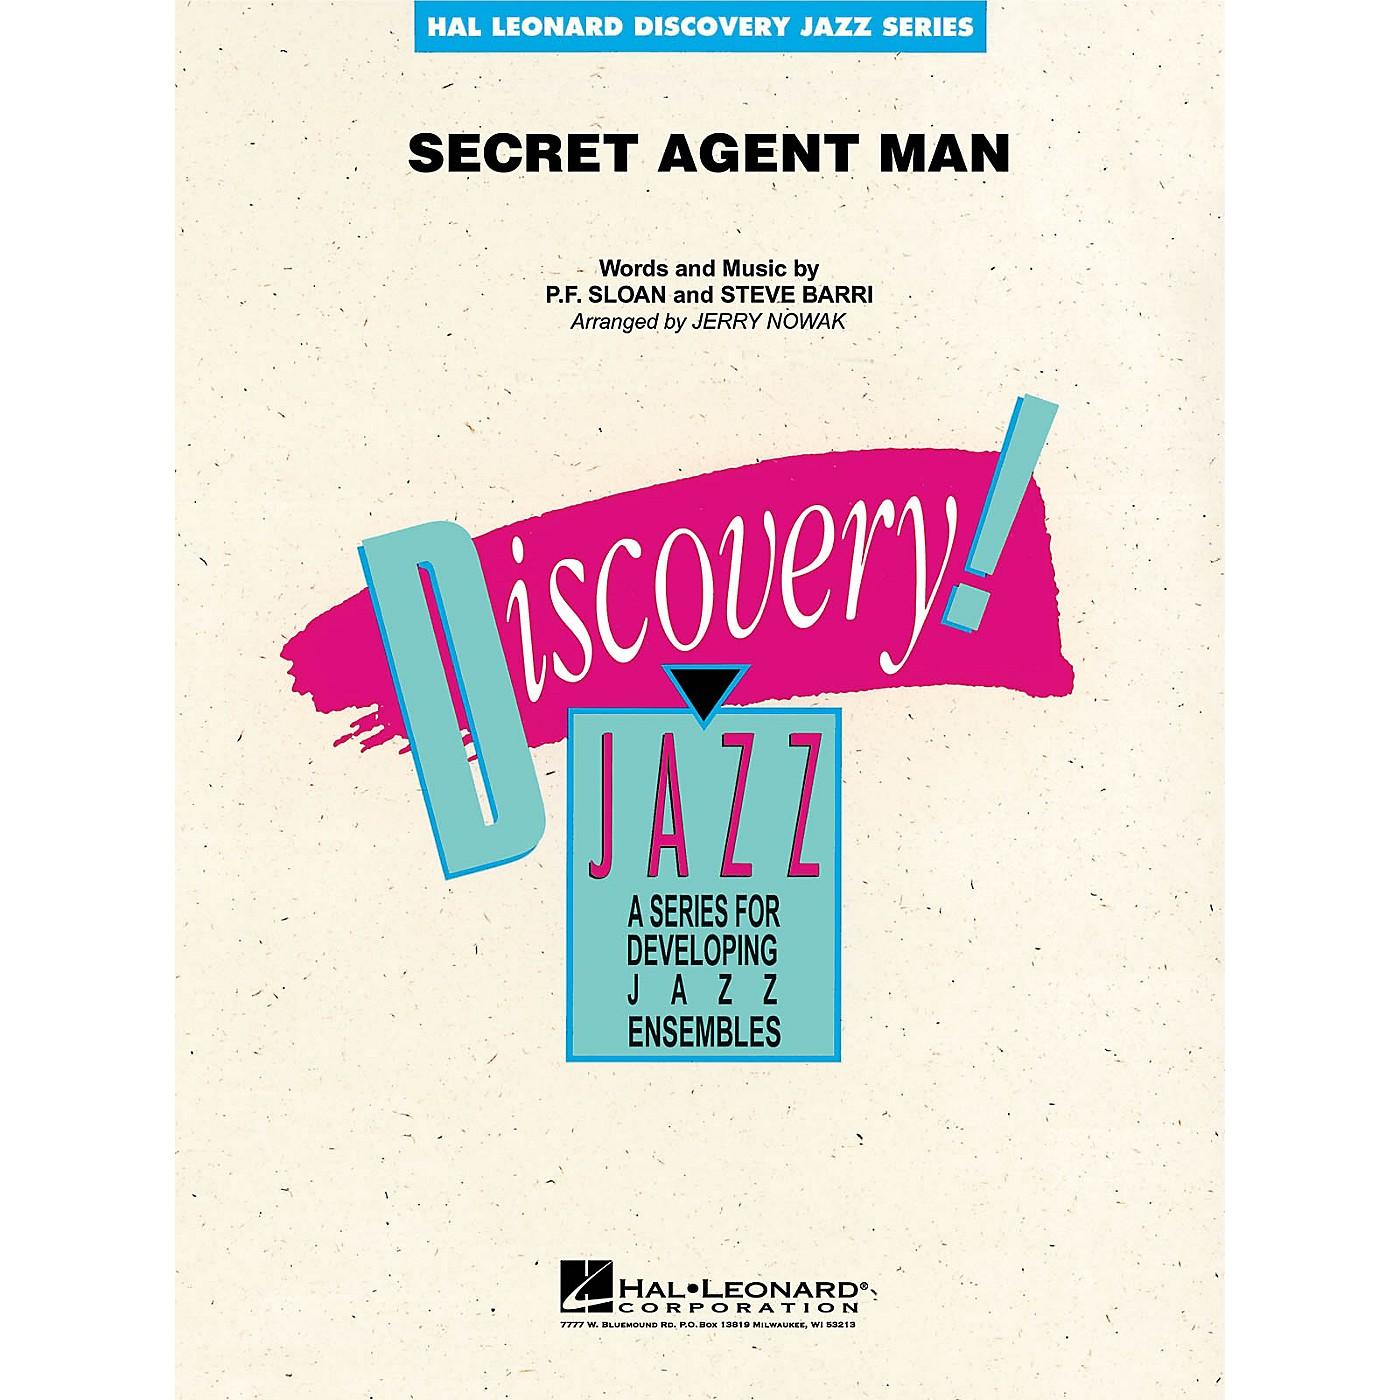 Hal Leonard Secret Agent Man Jazz Band Level 1-2 Arranged by Jerry Nowak thumbnail